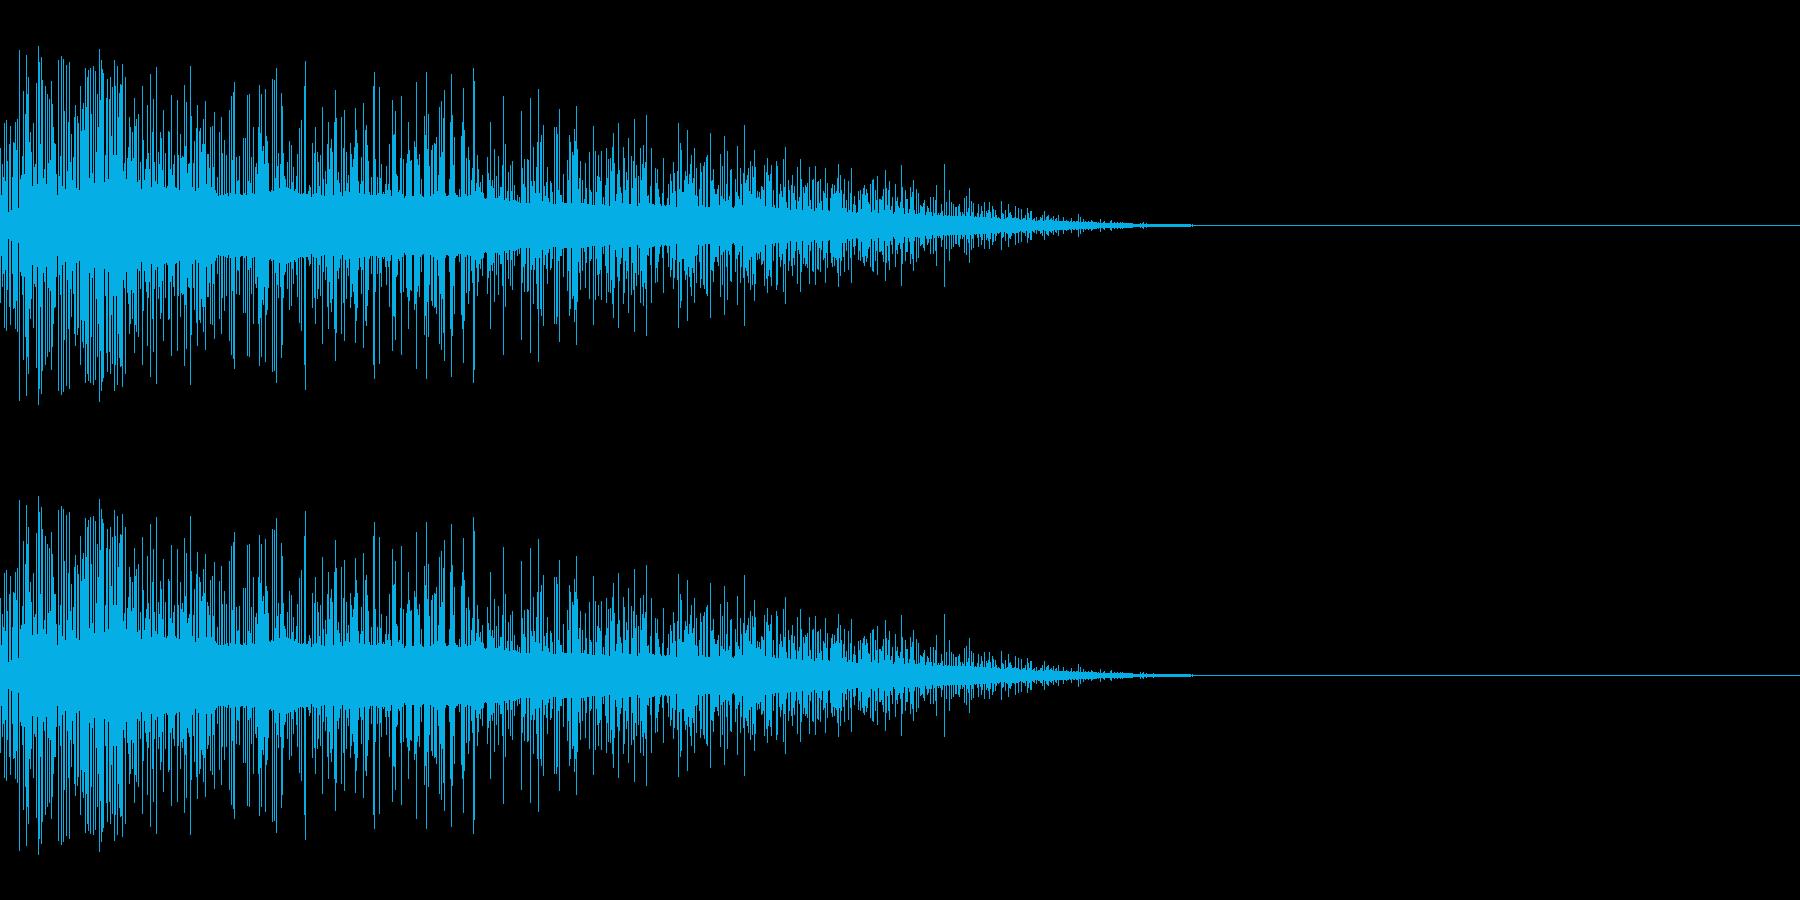 キュイン(パワーアップ/アイテム入手)の再生済みの波形